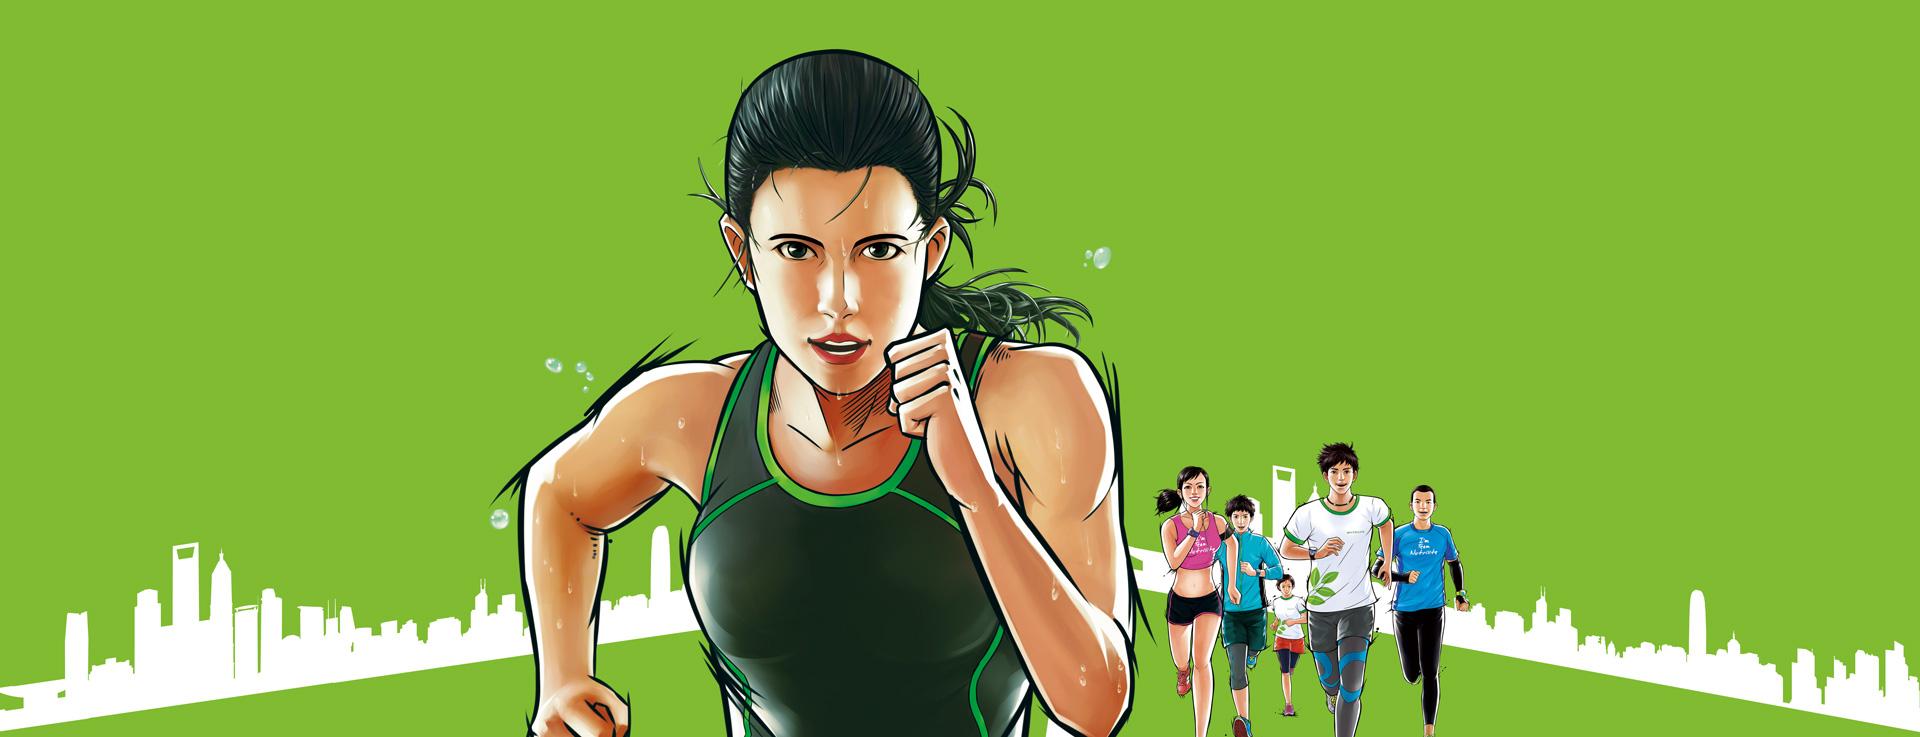 白鸽卫士www.zhogtj.com健康体检的好帮手!看看你能做到多少条!